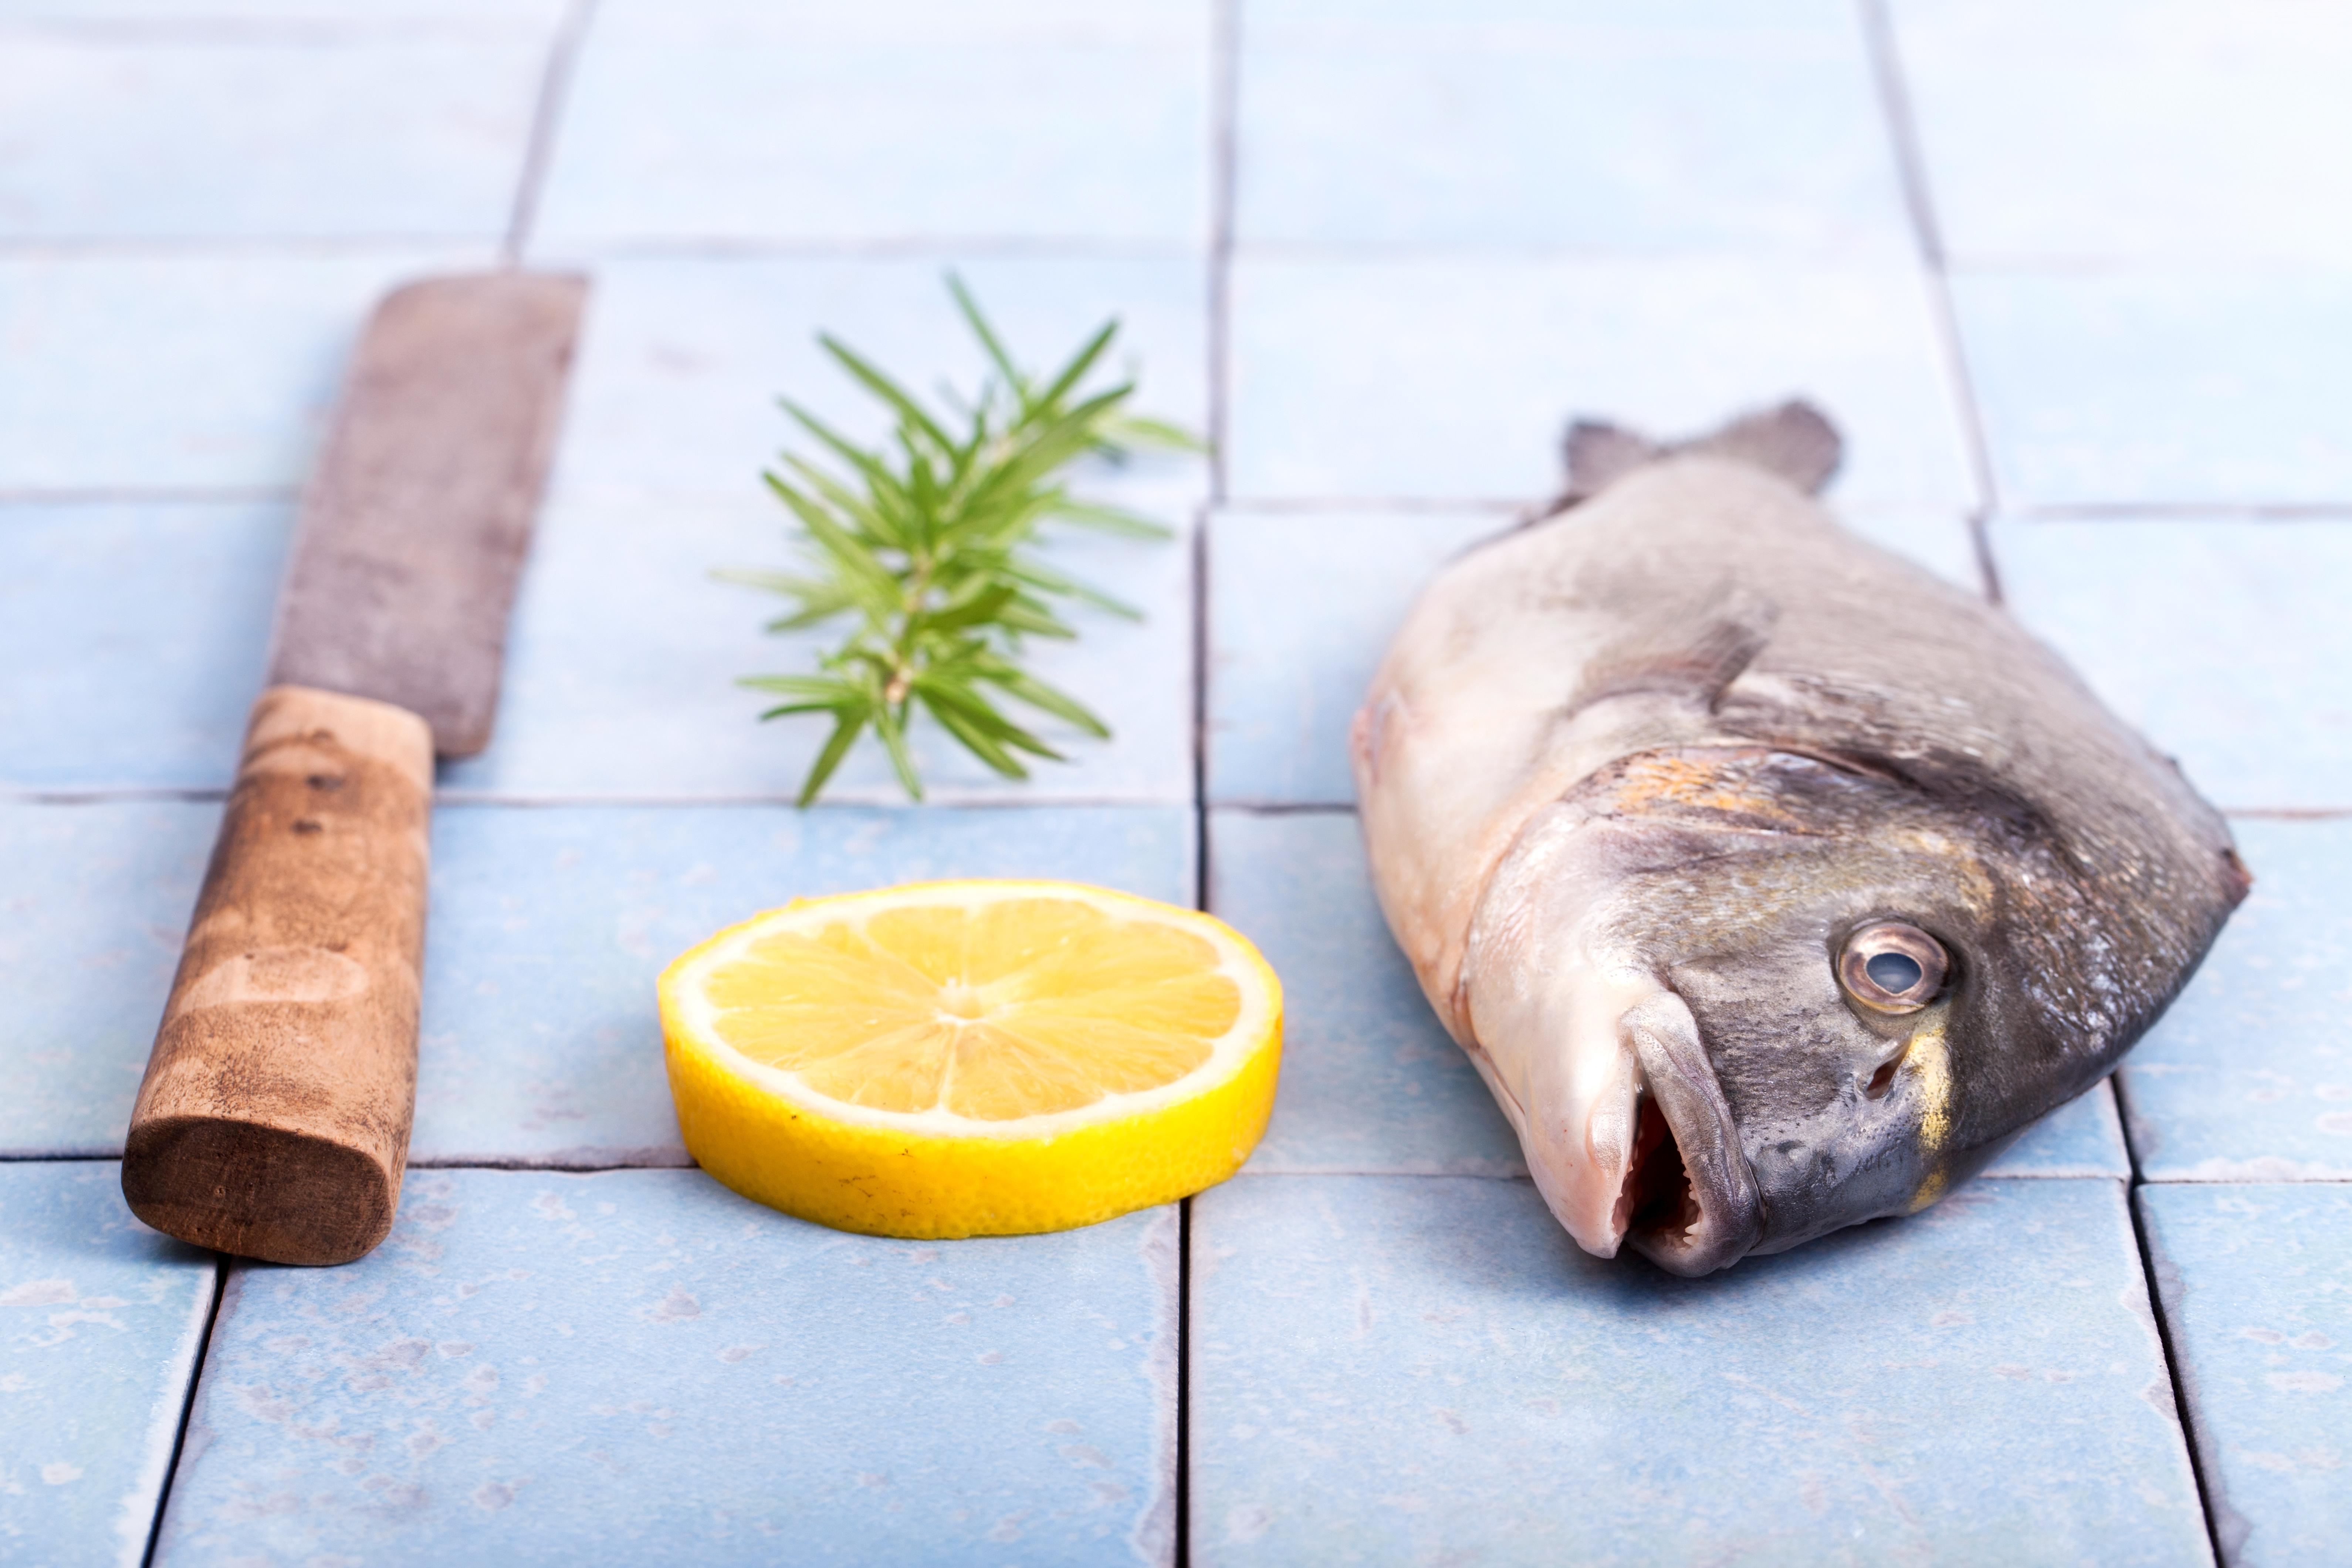 För att tillföra D-vitamin, jod och selen bör vi också äta mer fisk, enligt de nya kostråden från Livsmedelsverket.